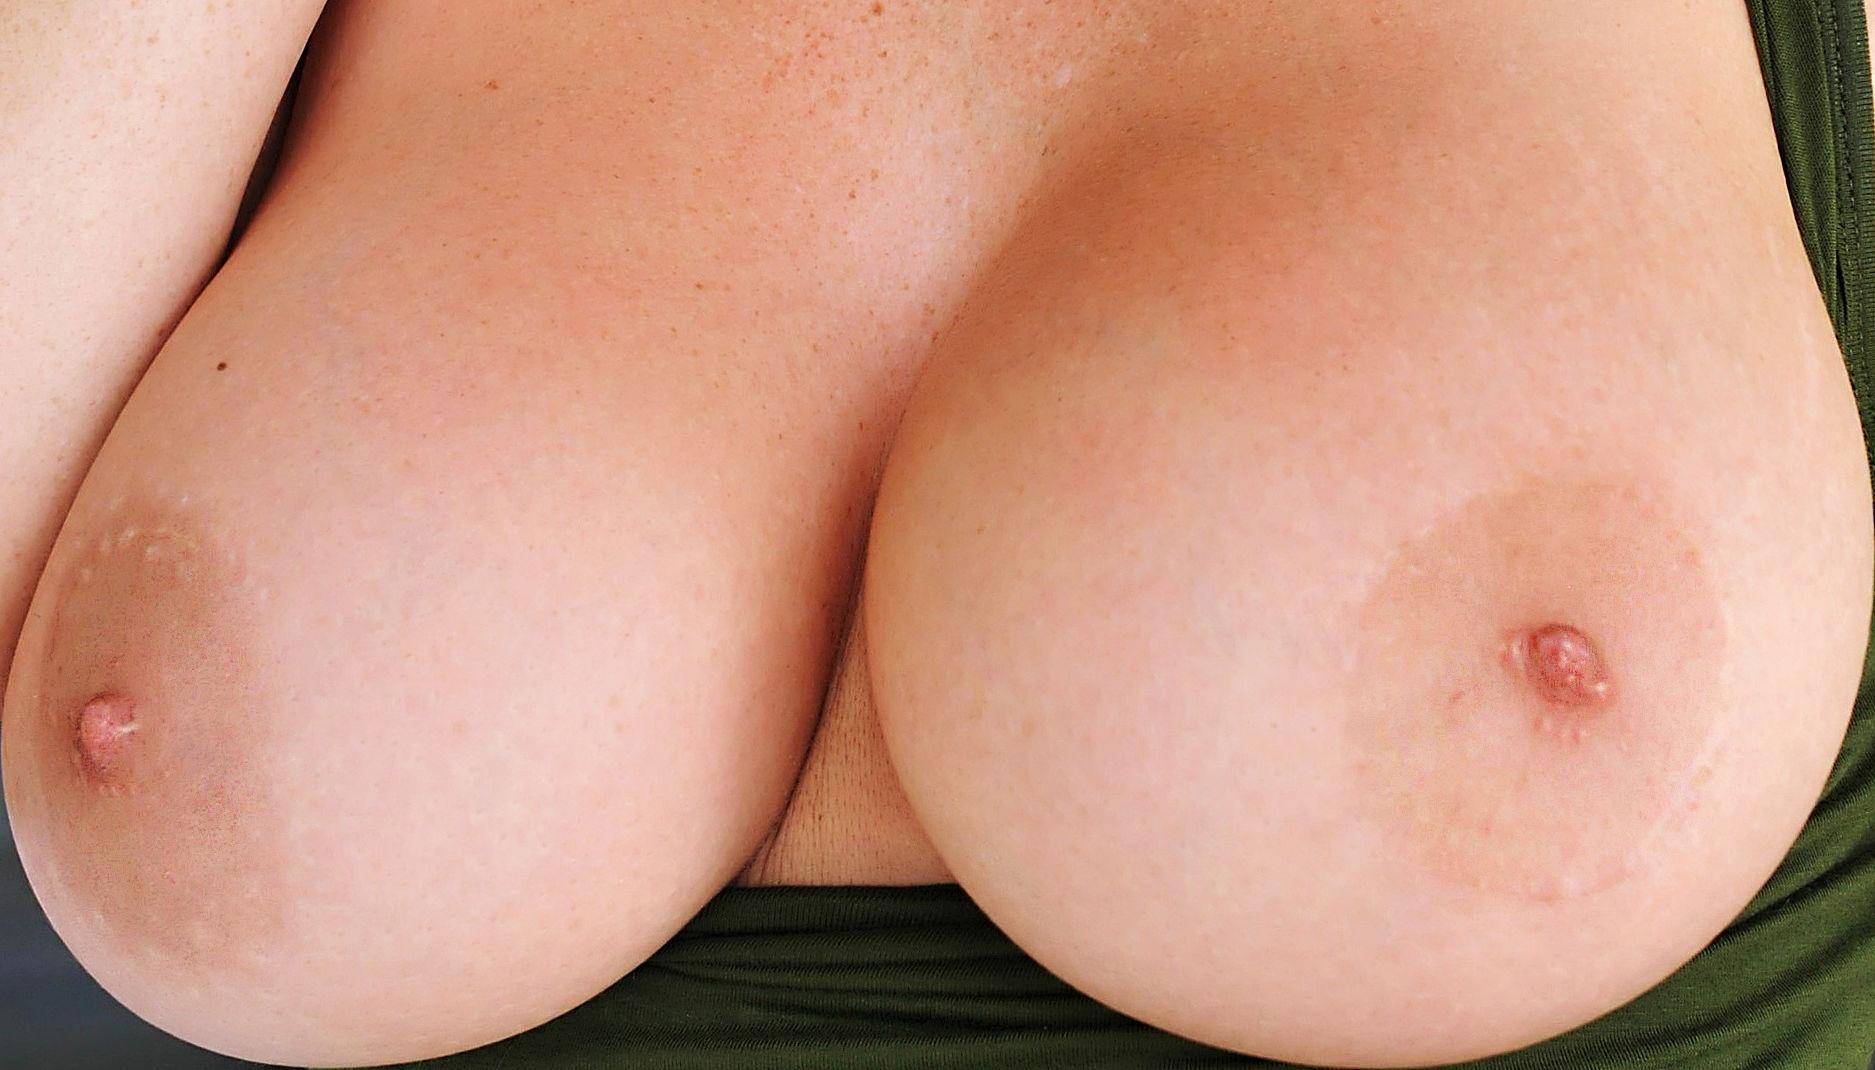 fetischparty fotos von großen kitzlern